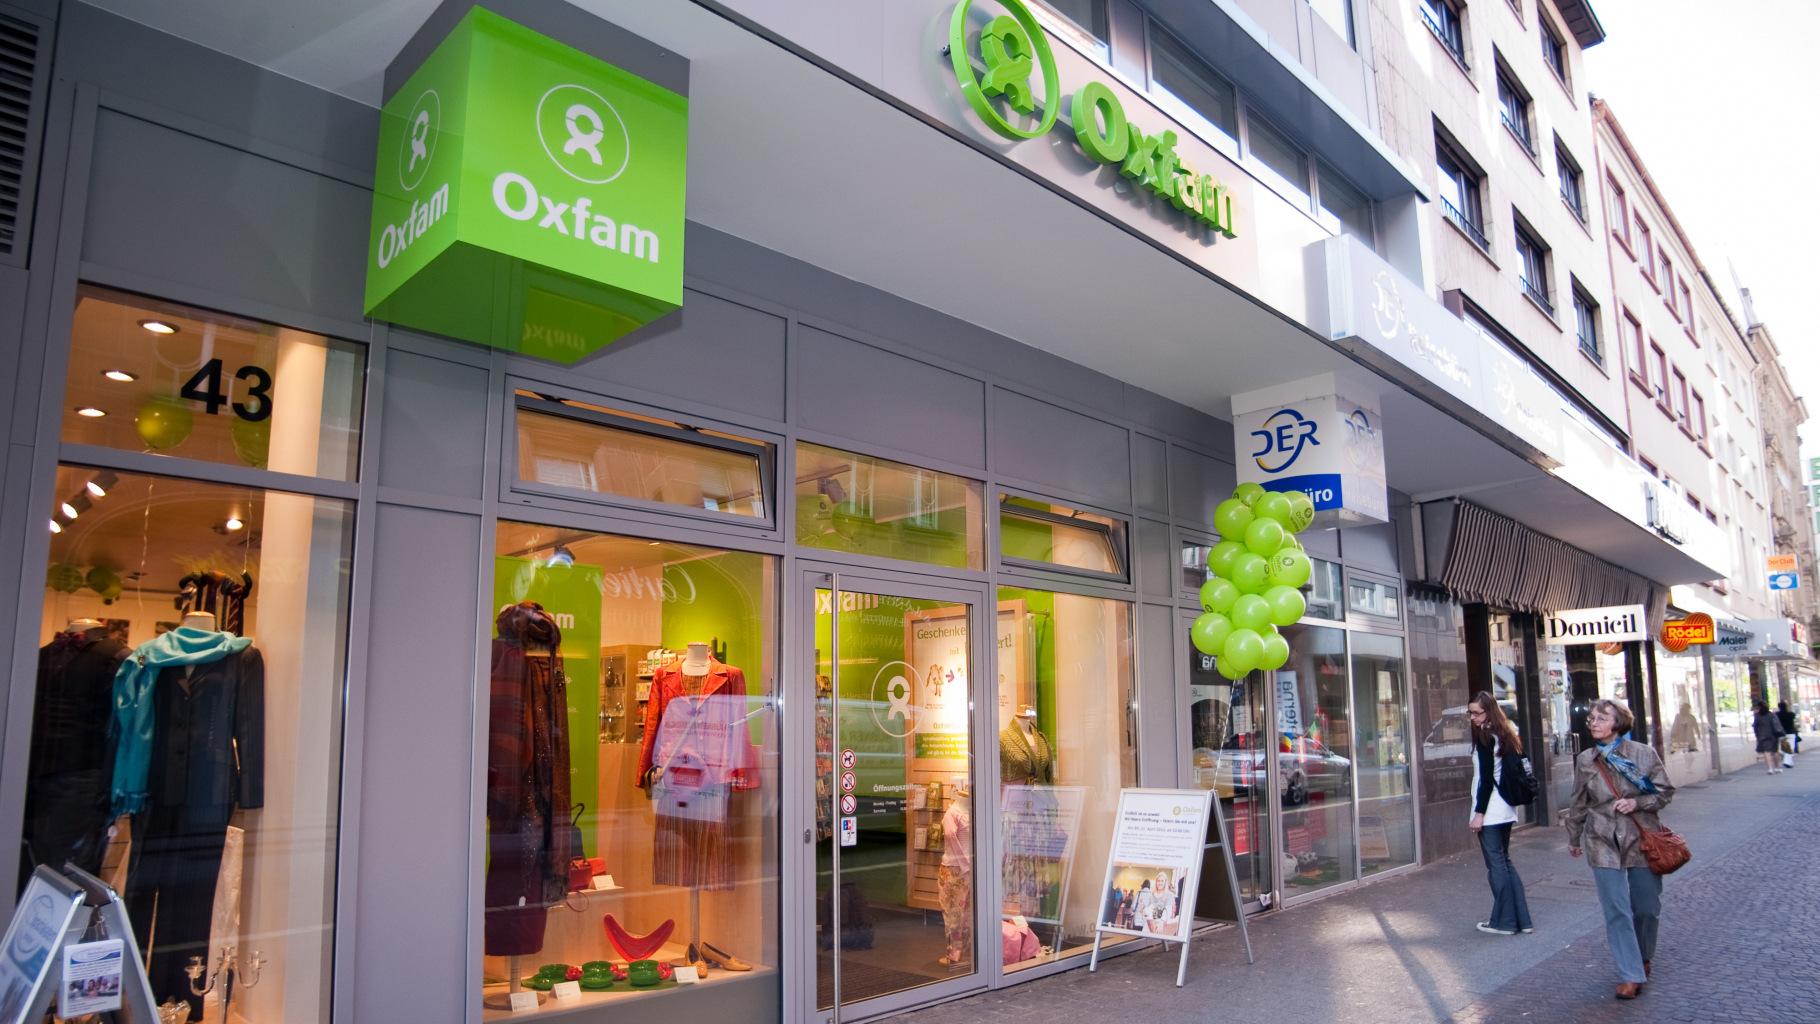 Oxfam Shop Karlsruhe - Außenansicht